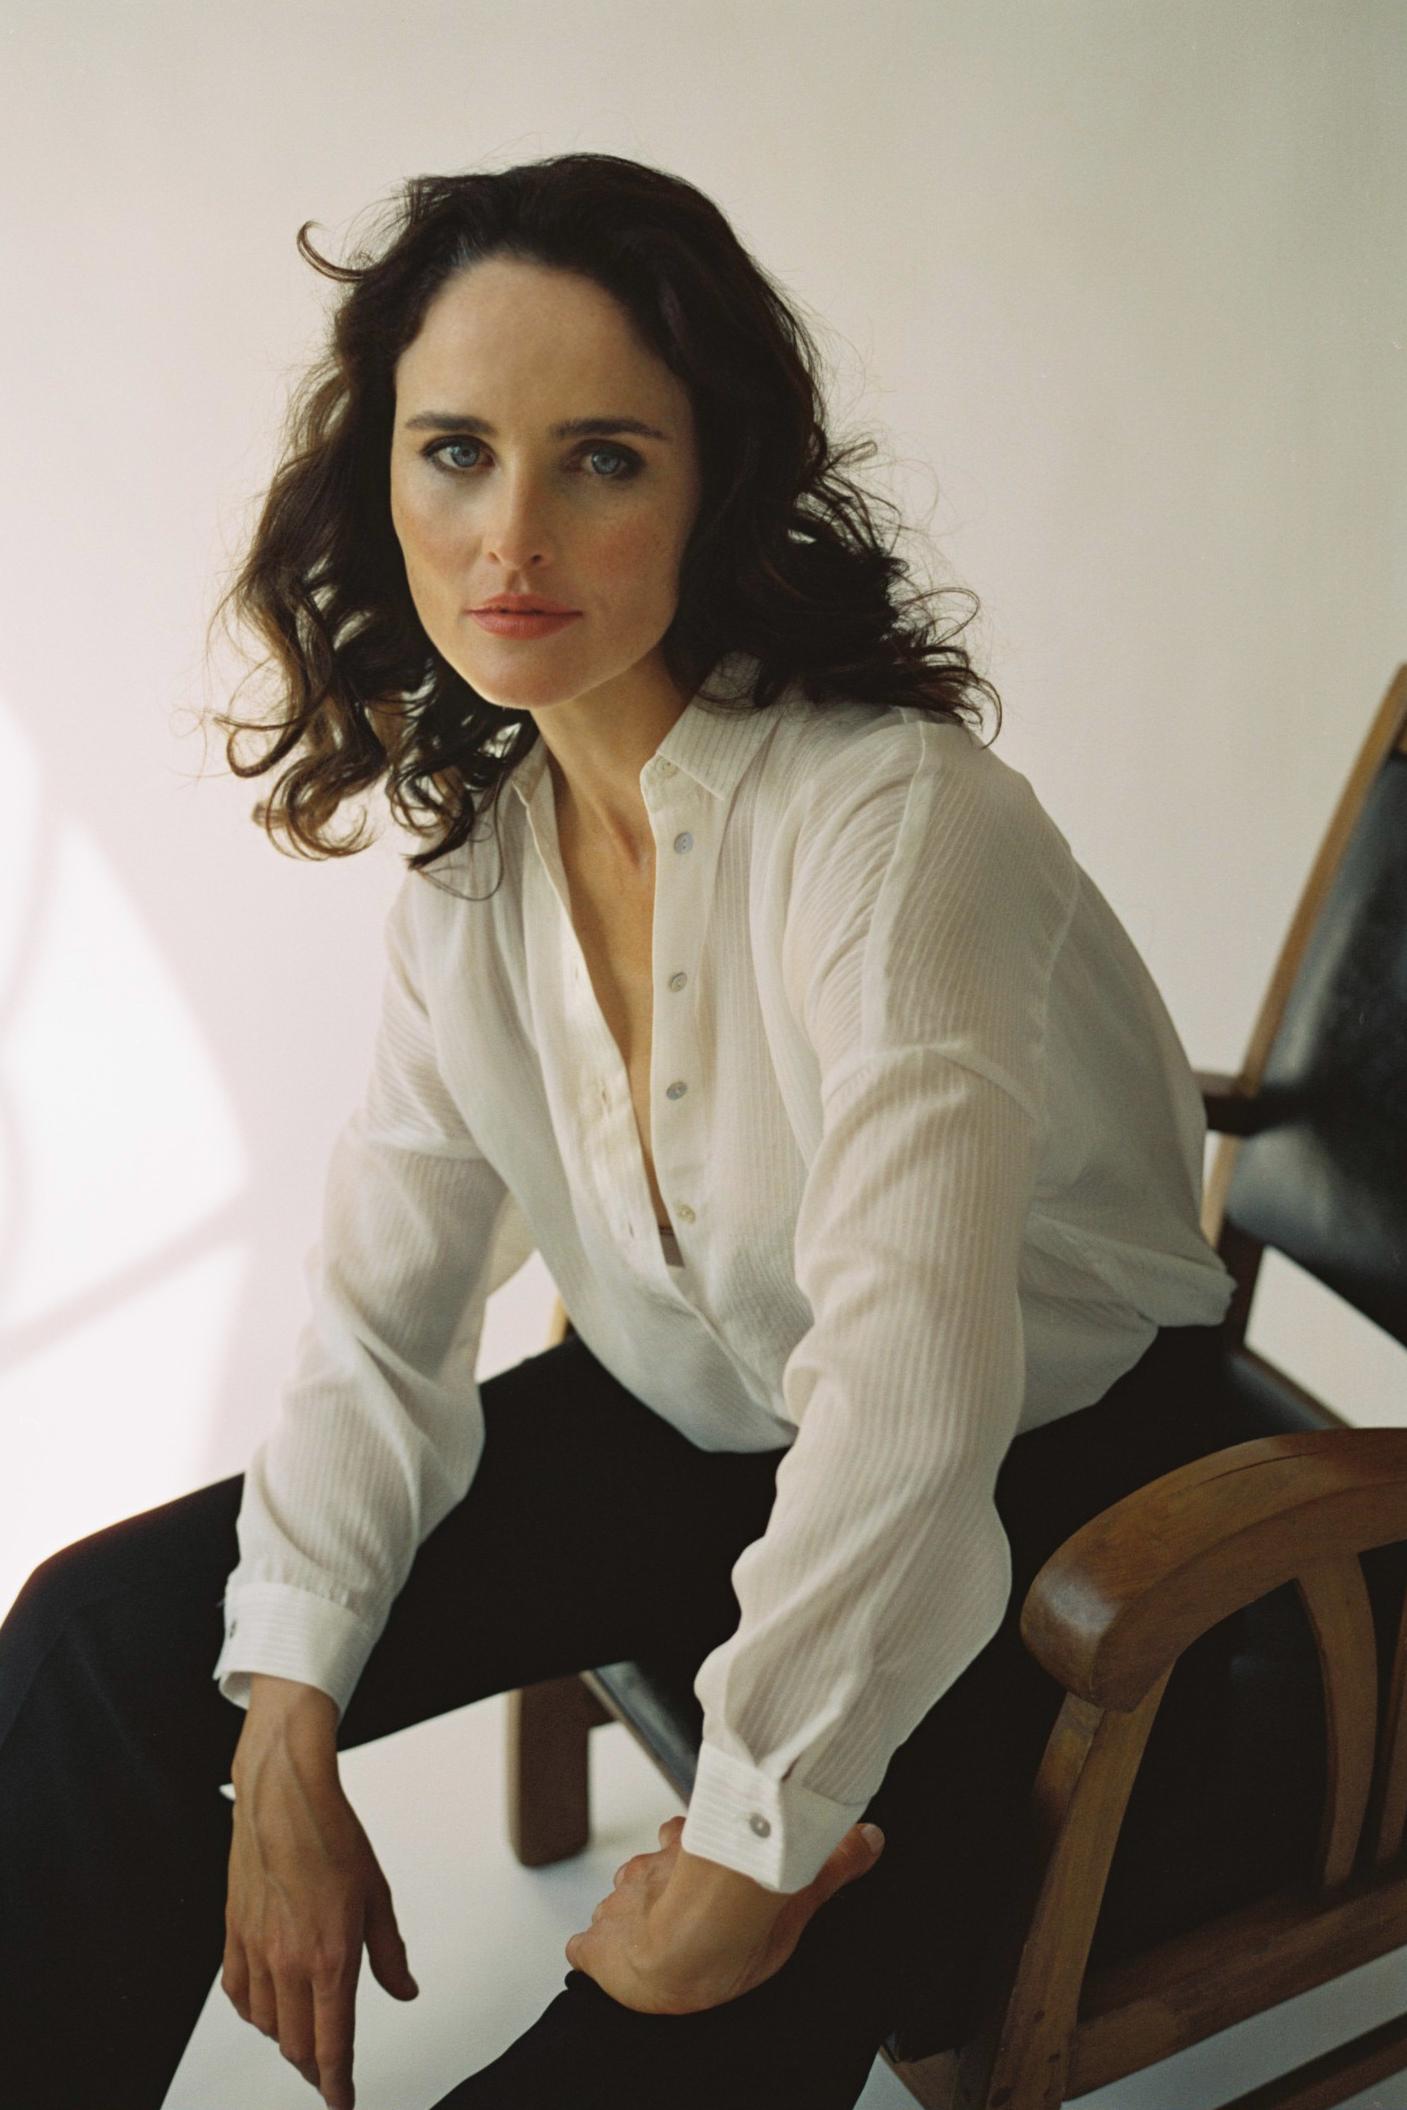 MOT Model Zanne Lee on arm chair. Photo by Dan Korkelia